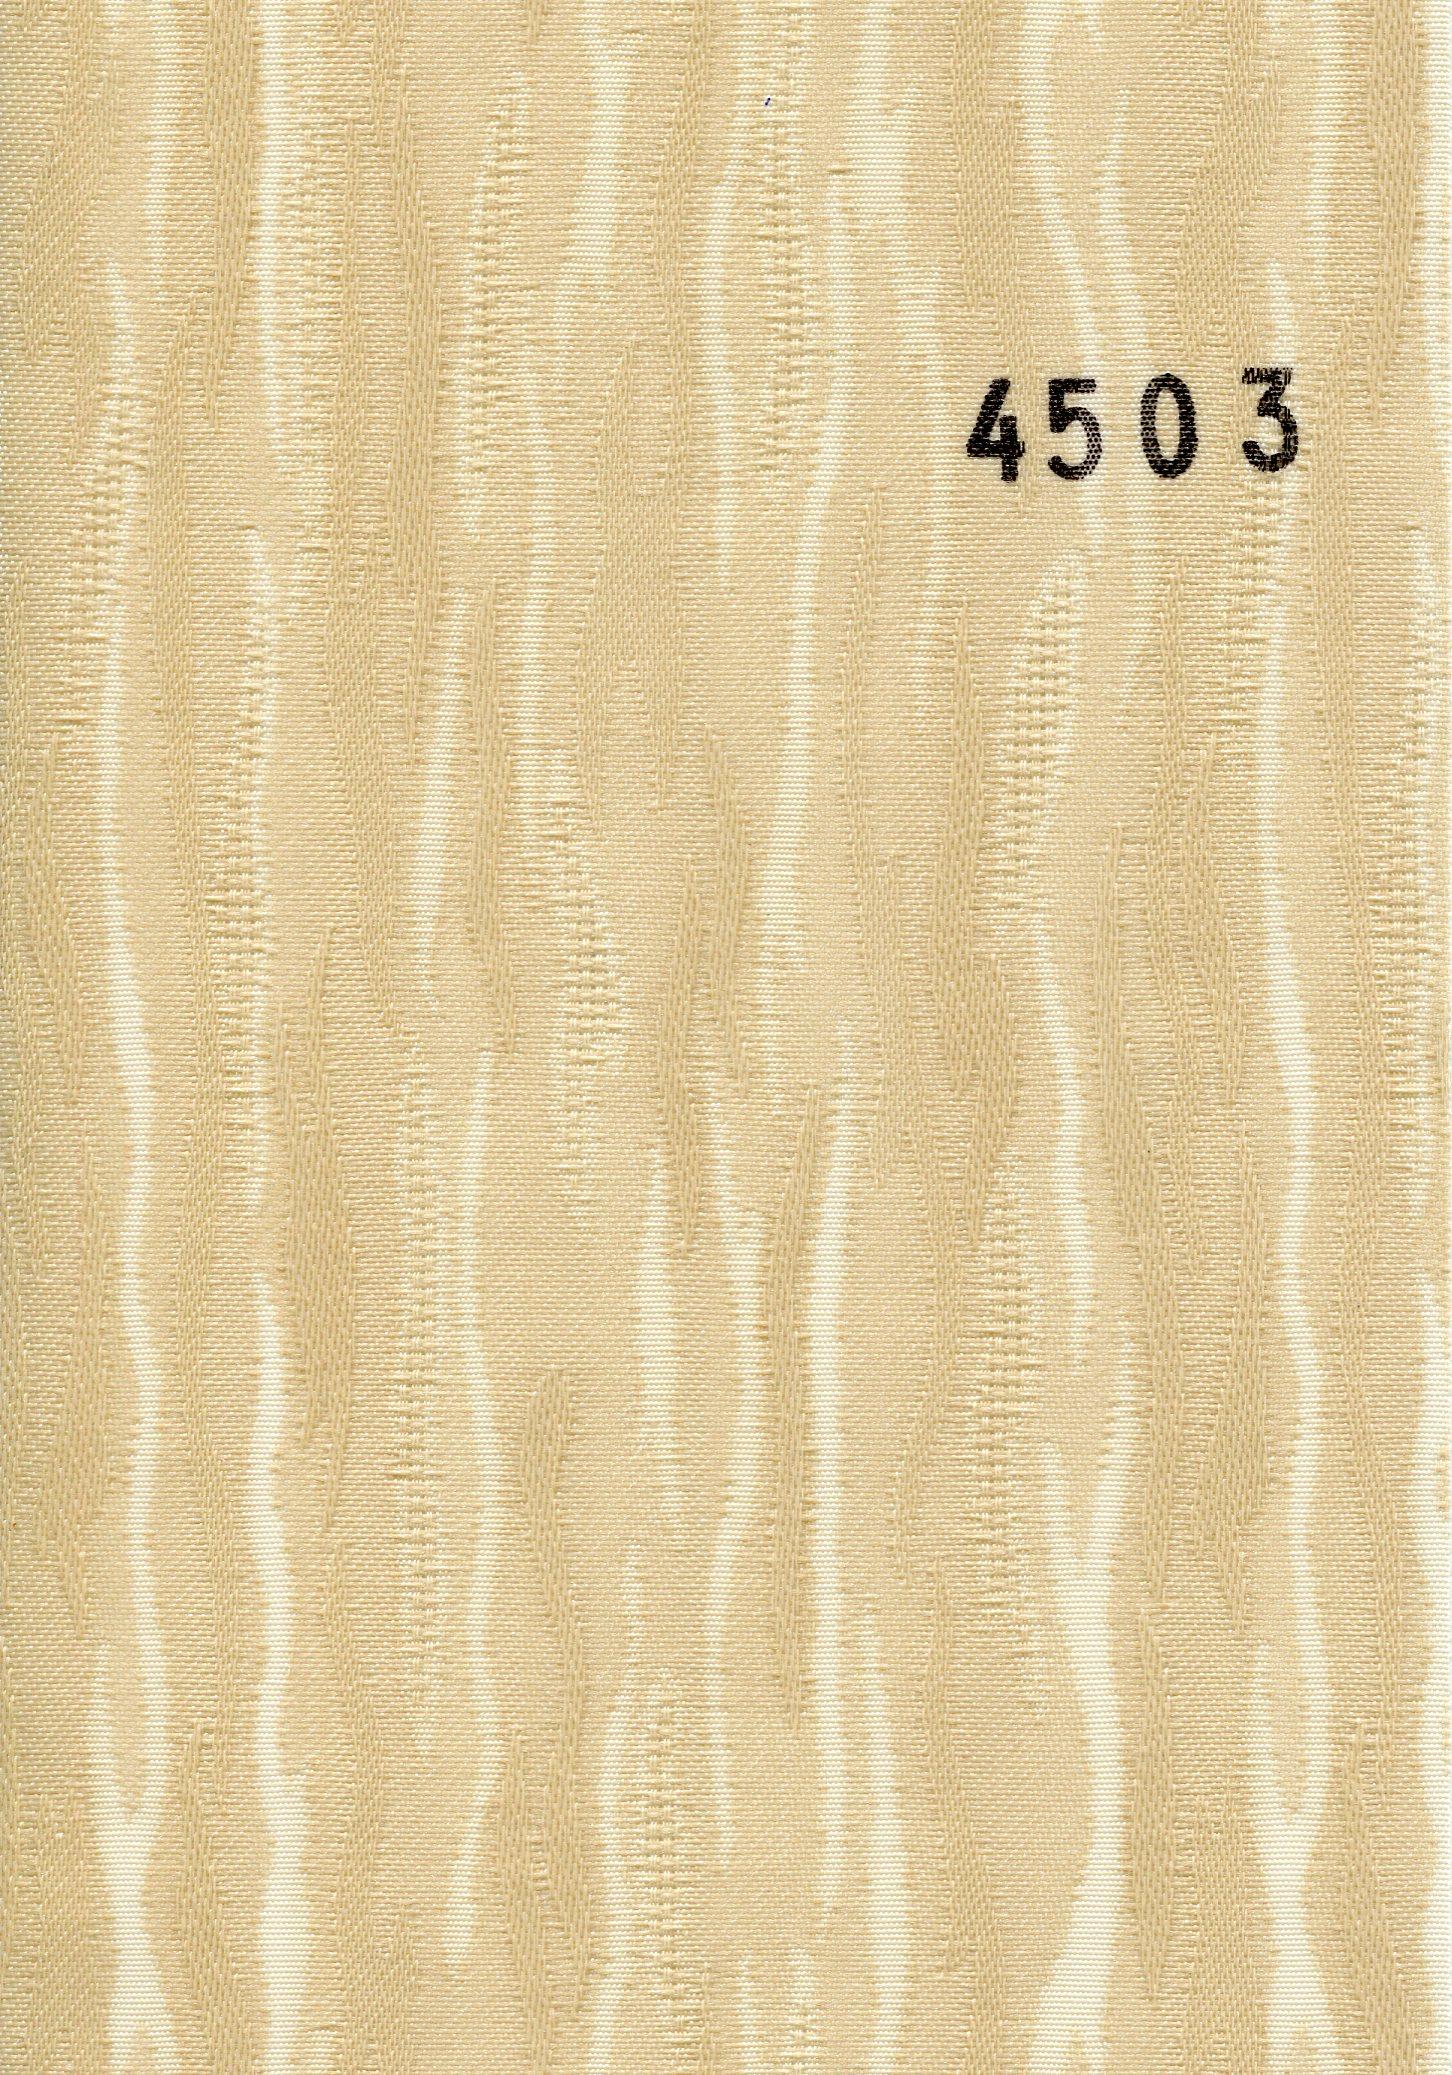 Van_Gogh_4503